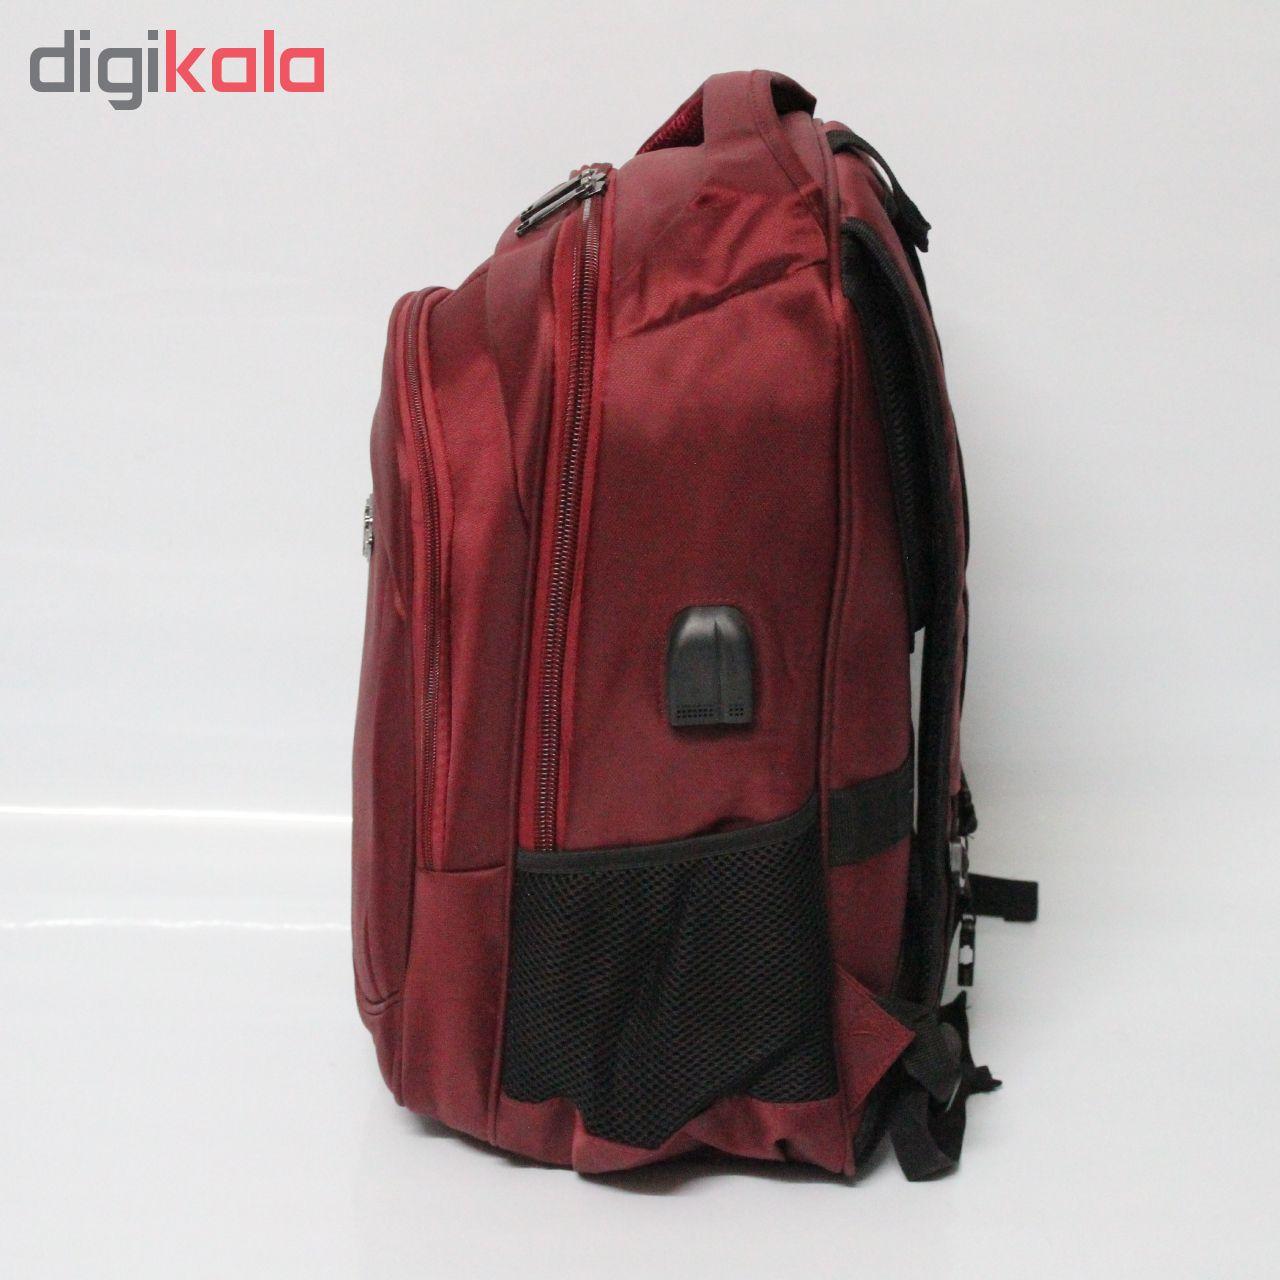 کوله پشتی لپ تاپ پولوپاور مدل 80699 مناسب برای لپ تاپ 15 اینچی